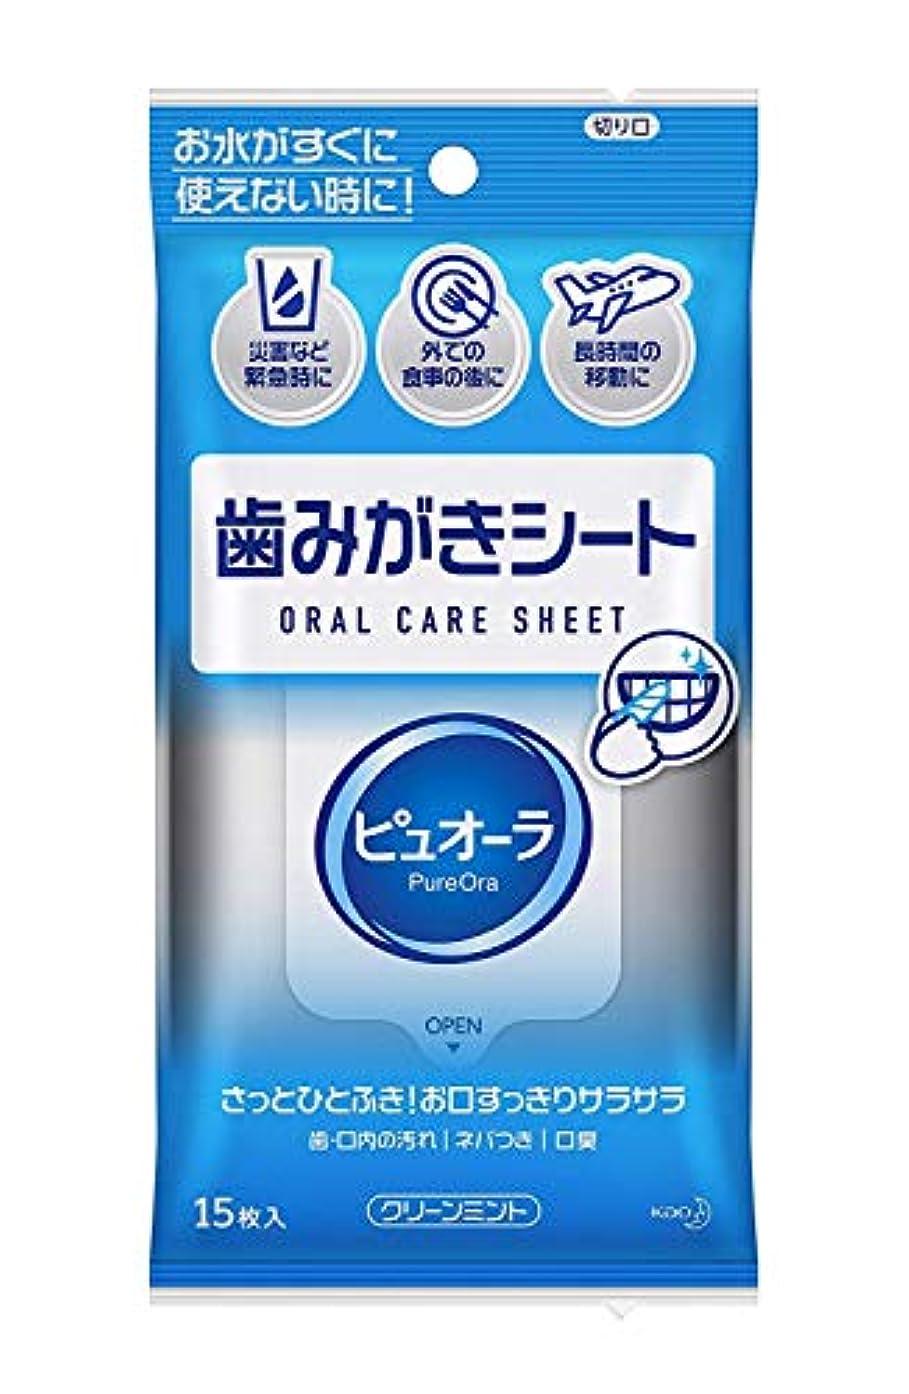 バン計画隣接する【花王】ピュオーラ 歯みがきシート 15枚入 ×20個セット